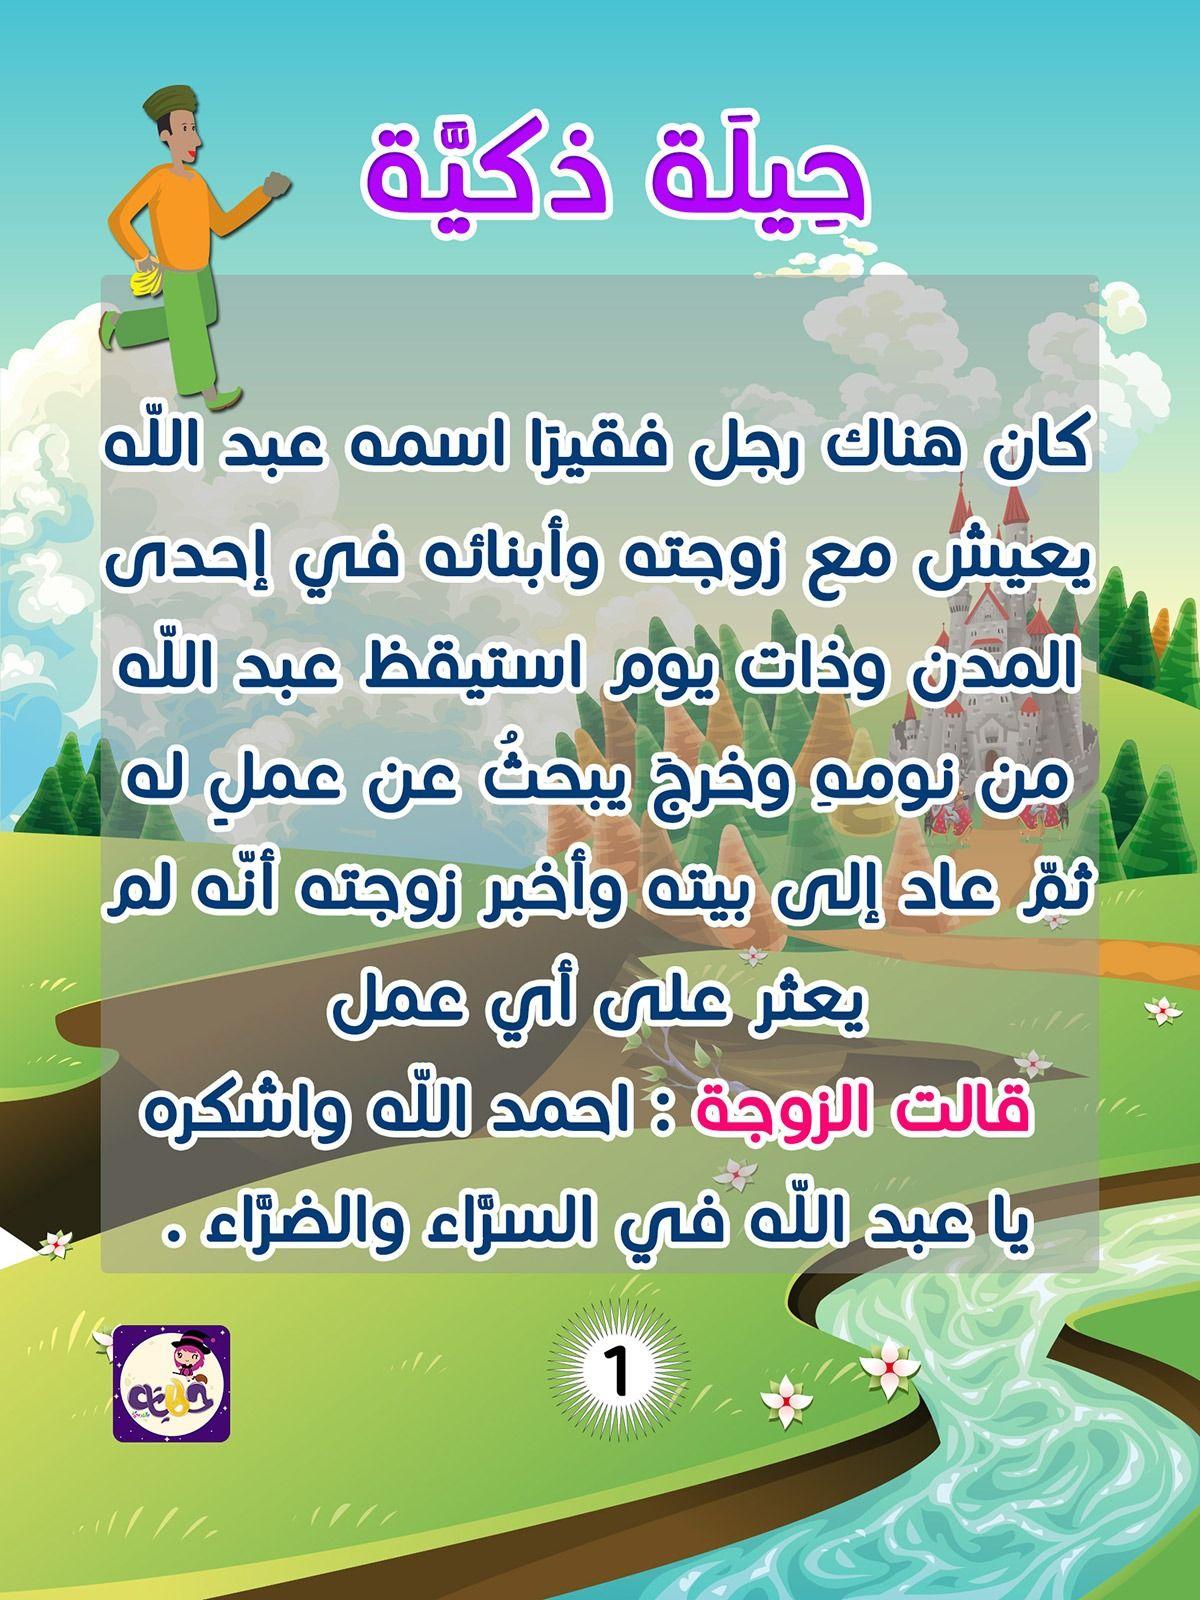 قصة حيلة ذكية بتطبيق قصص وحكايات بالعربي قصص هادفة للاطفال Kids Story Books Stories For Kids Storybook